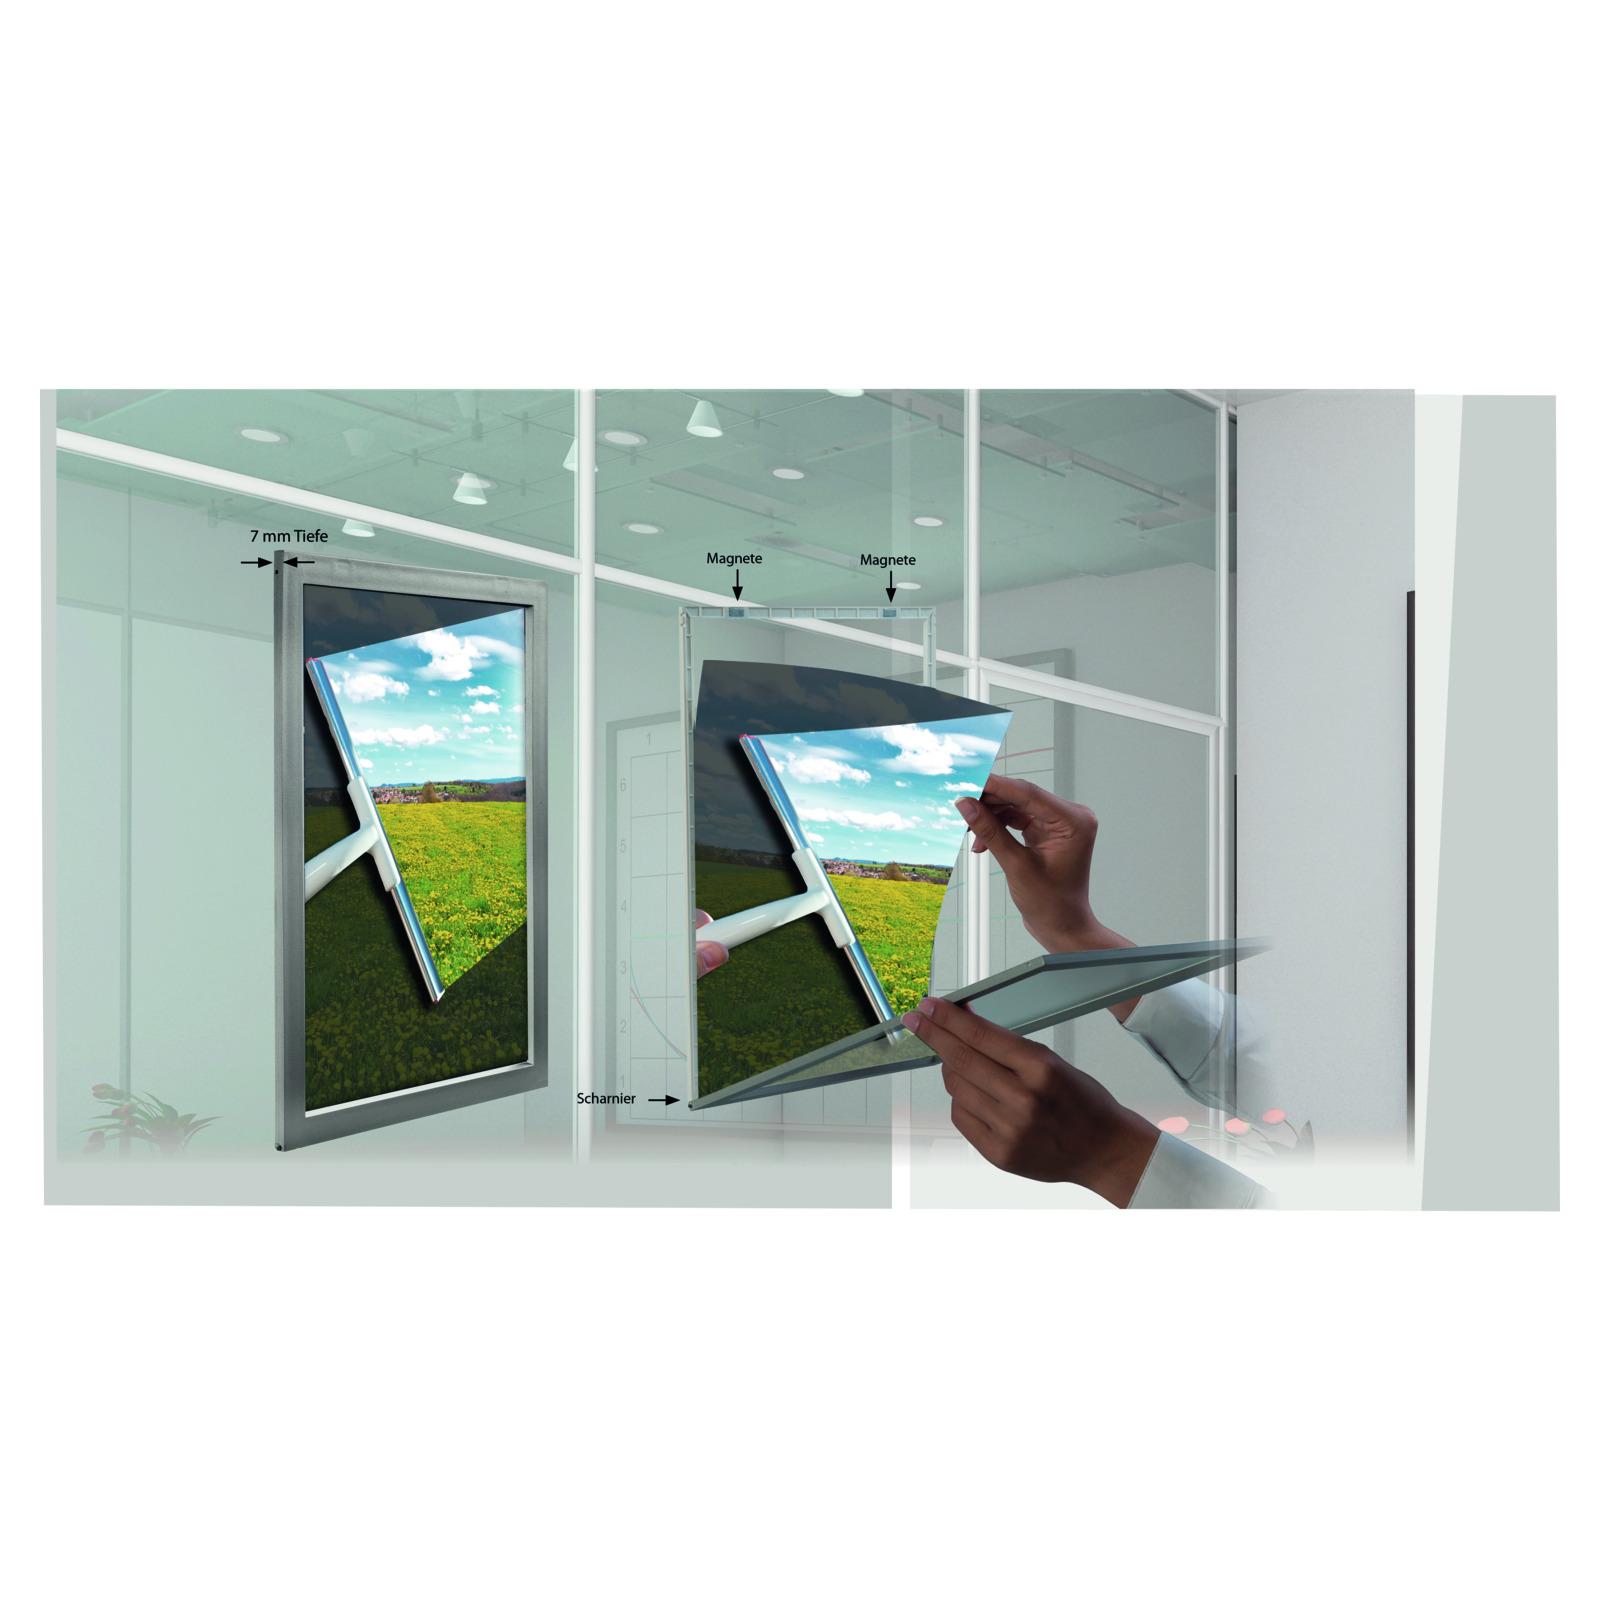 Plakatrahmen Window Look - Plakatrahmen & Zubehör Preisauszeichnung